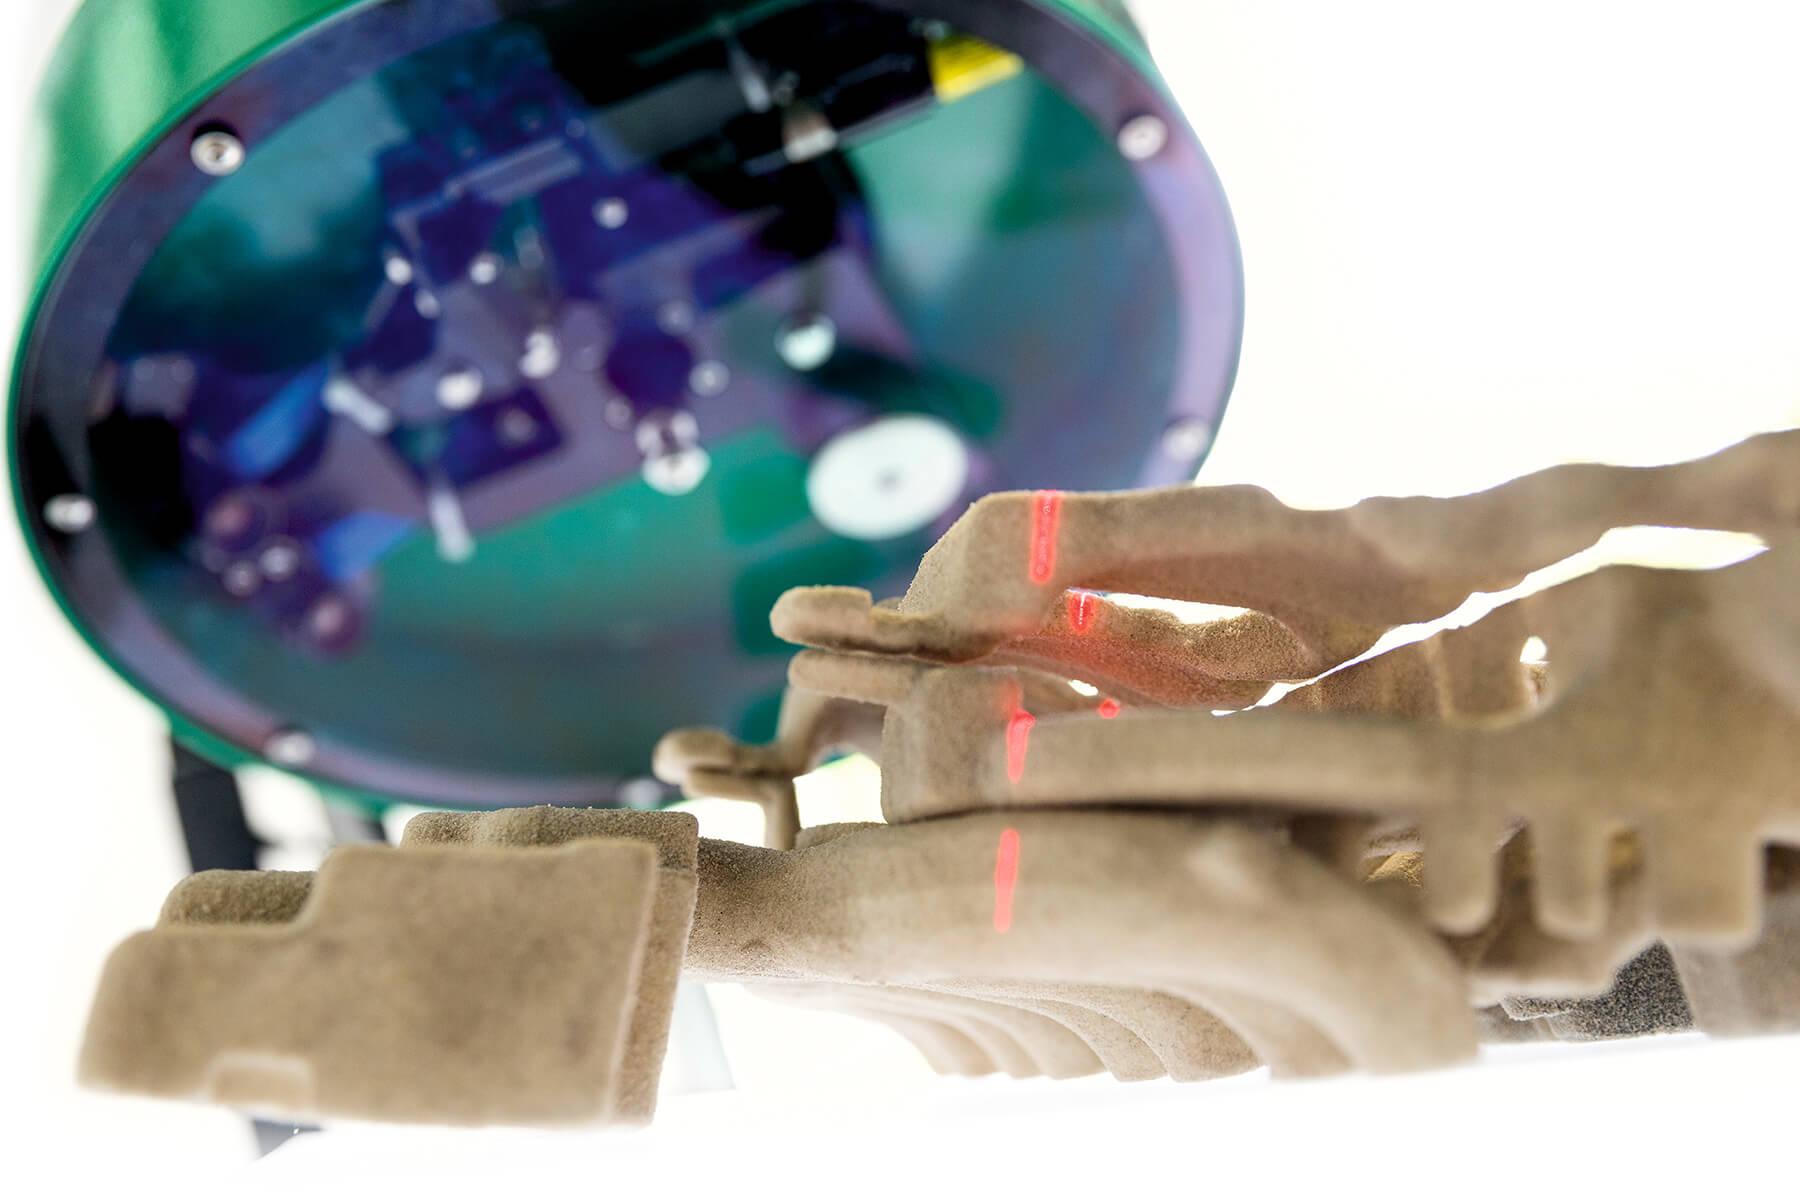 Der SpinScan3D erfasst komplexe Objekte hochgenau